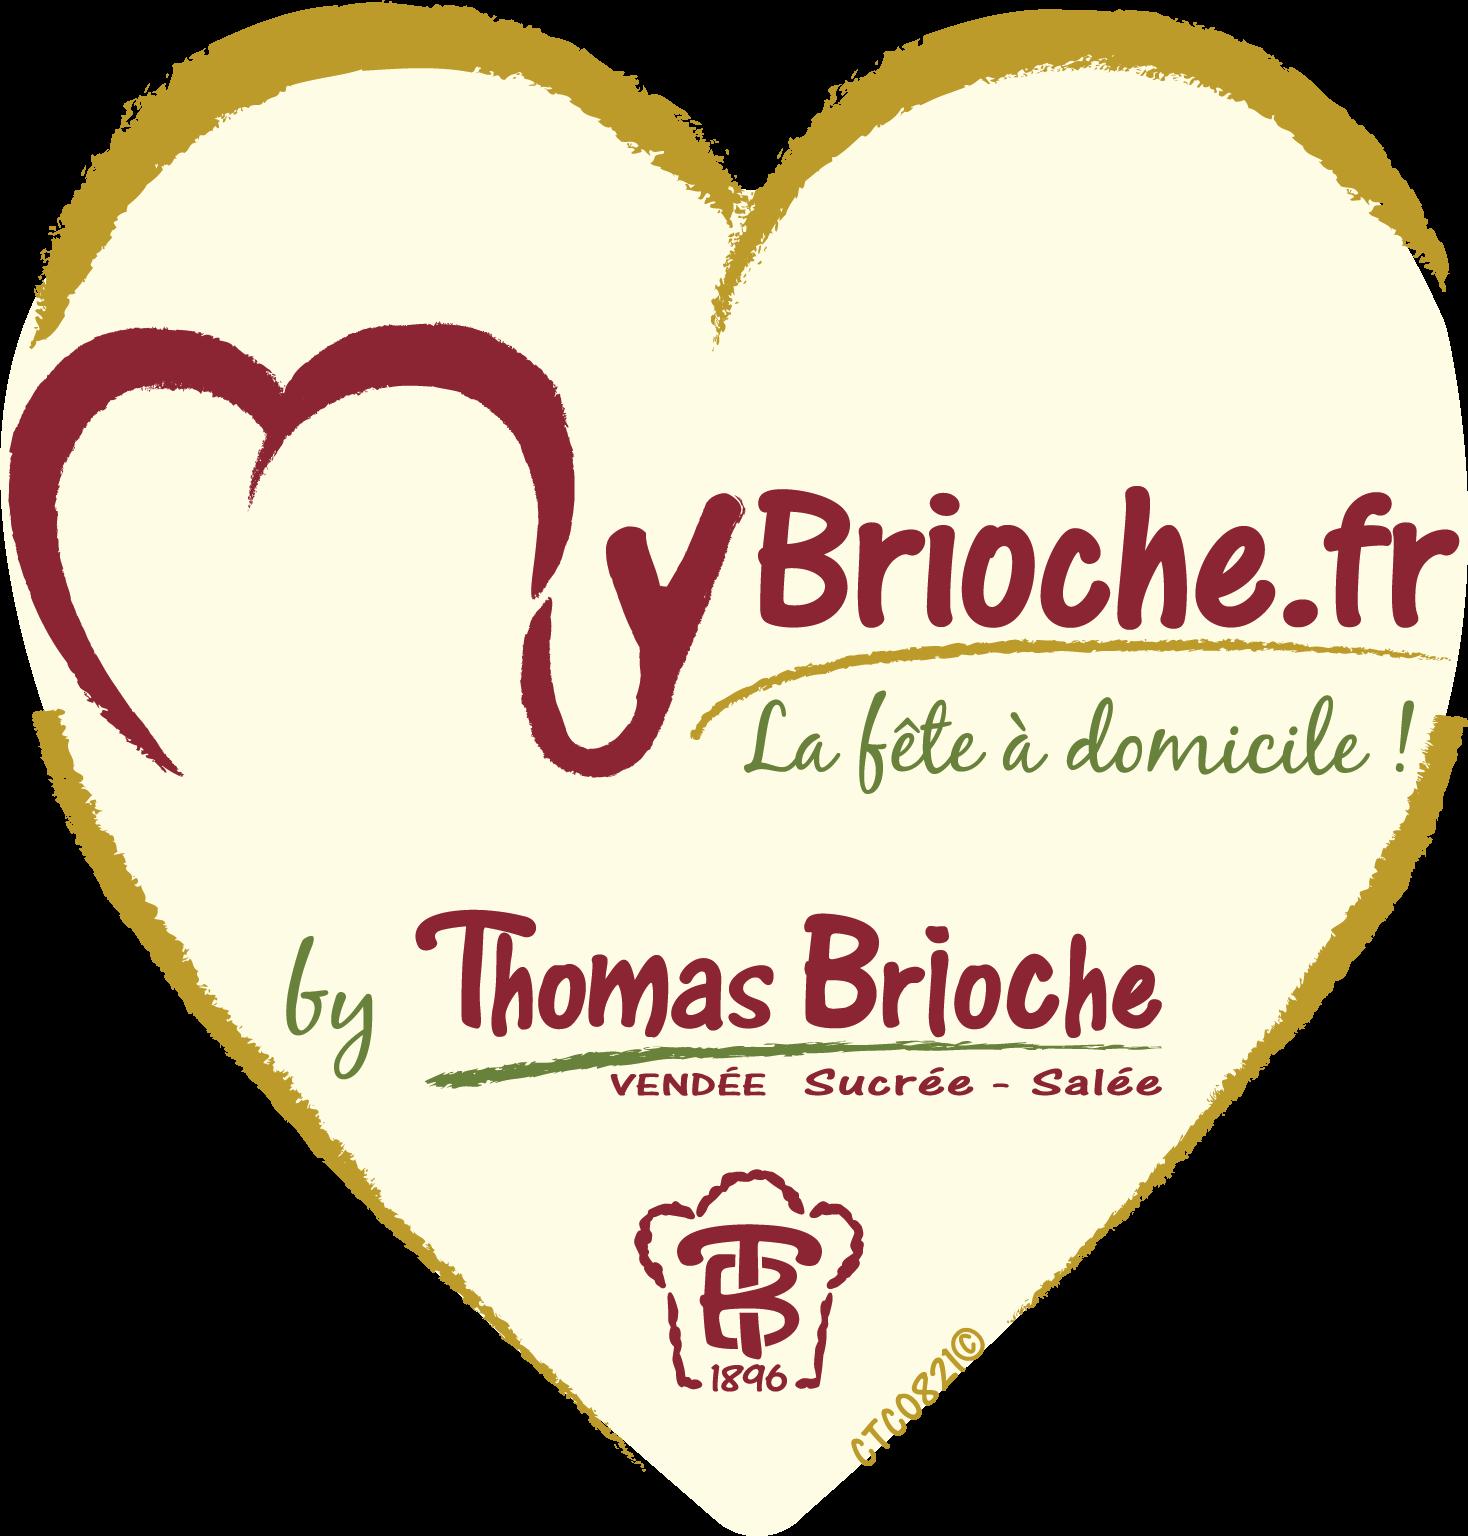 MyBrioche.fr